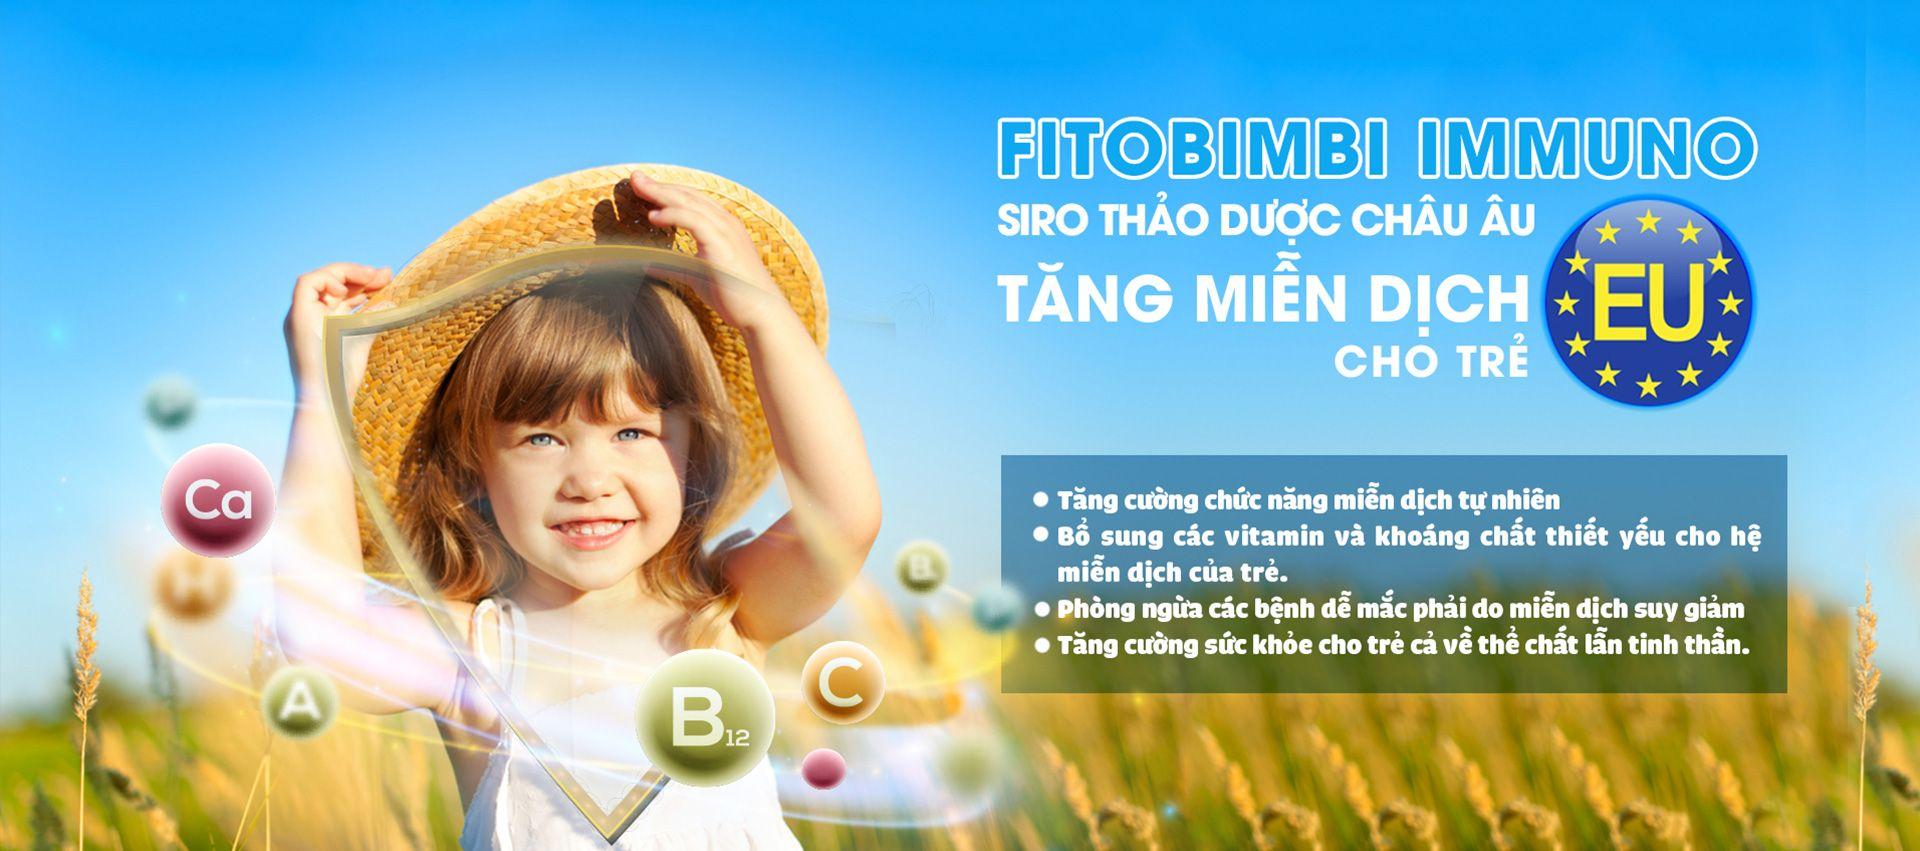 Siro tăng đề kháng miễn dịch cho trẻ Fitobimbi Immuno